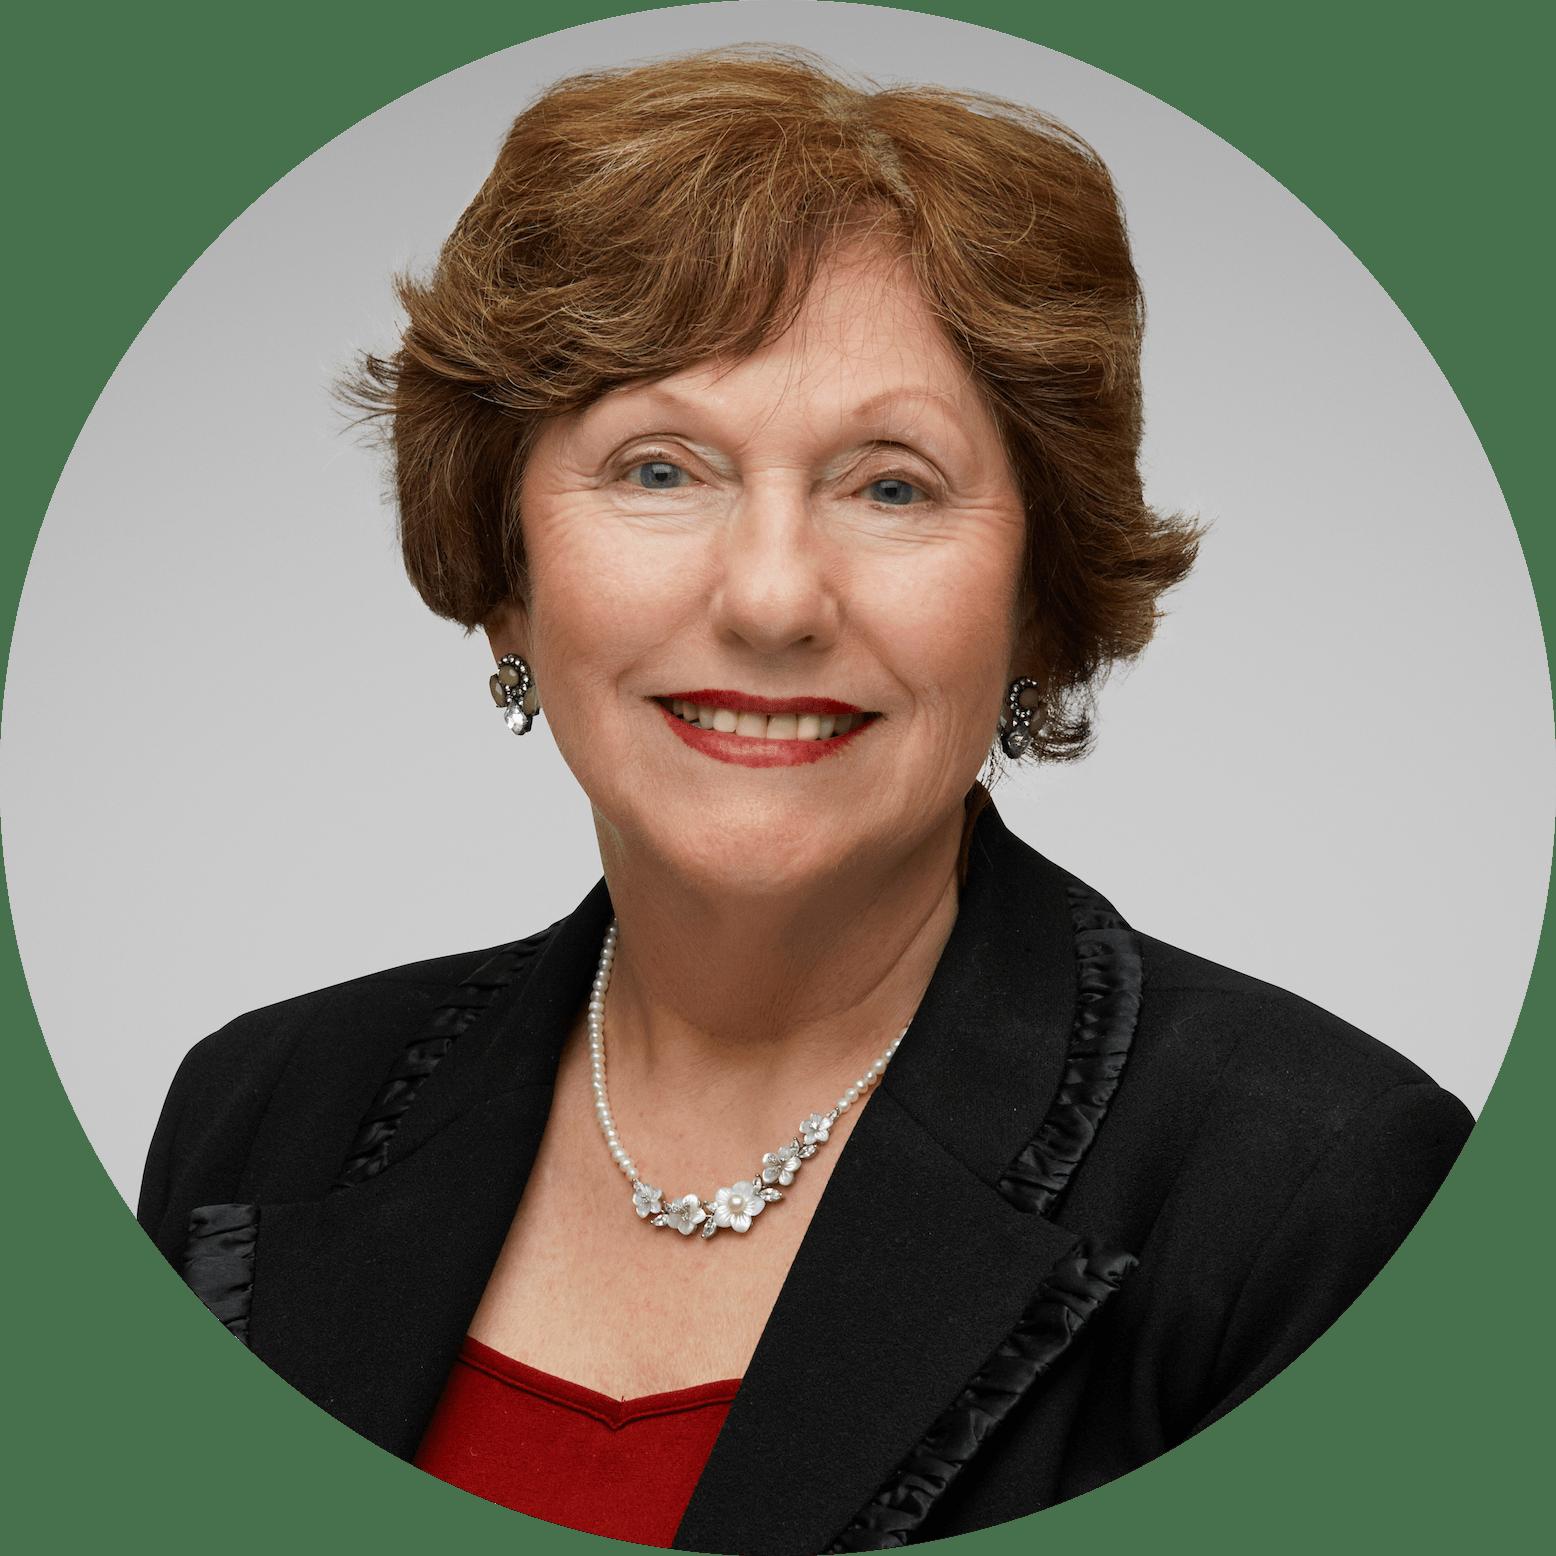 Centacare Chairwoman Gwen Wood.